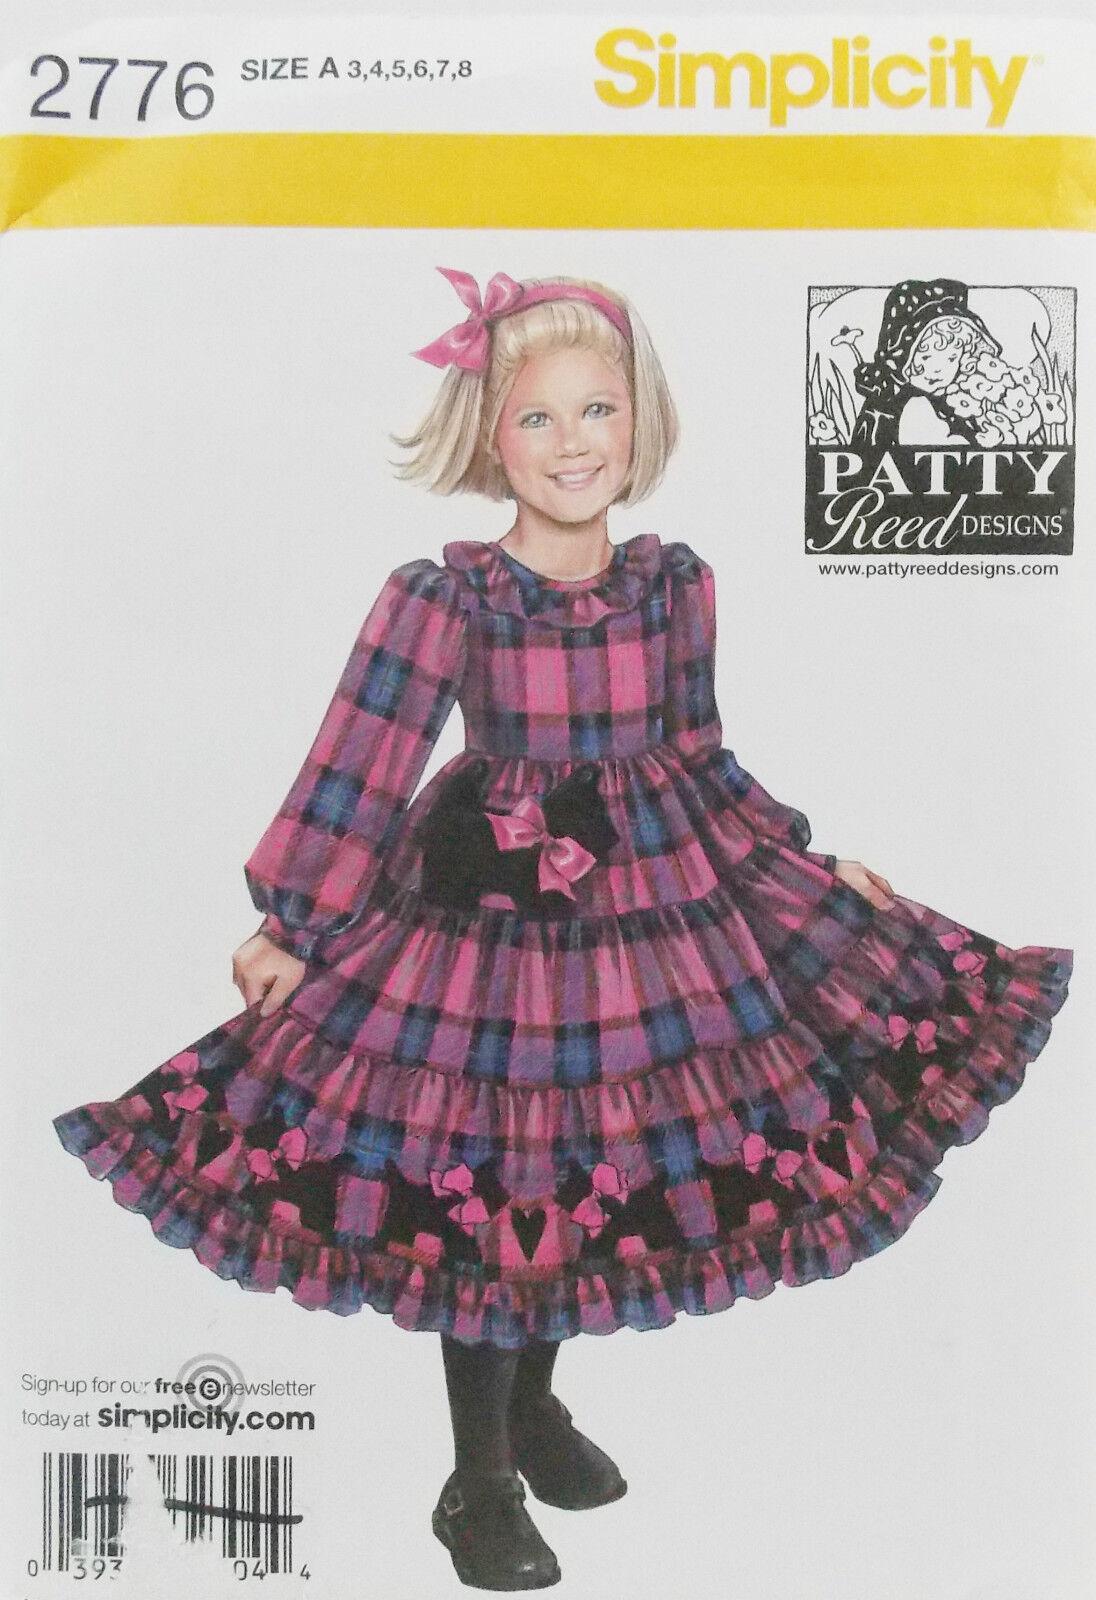 Simplicity 8565//D0911     Childs Dresses /& Purses  Sizes 3-8  Ruby Jeans Closet